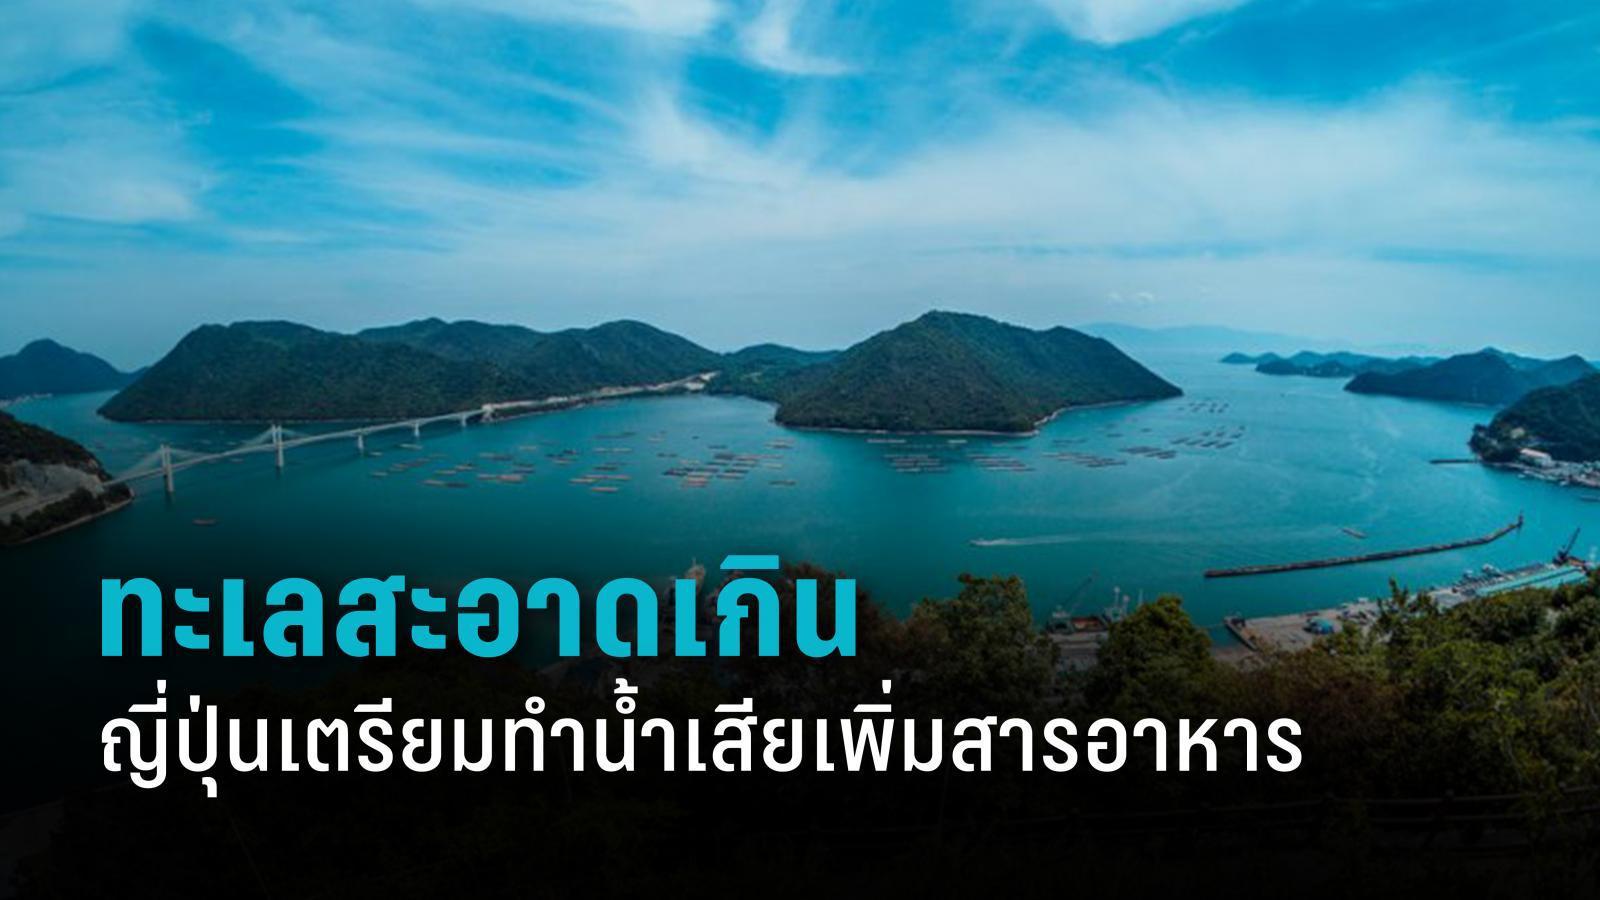 """""""น้ำสะอาดเกินไป"""" ปลาทะเลลดลง รัฐบาลญี่ปุ่นเตรียมแผนทำน้ำให้เสีย"""